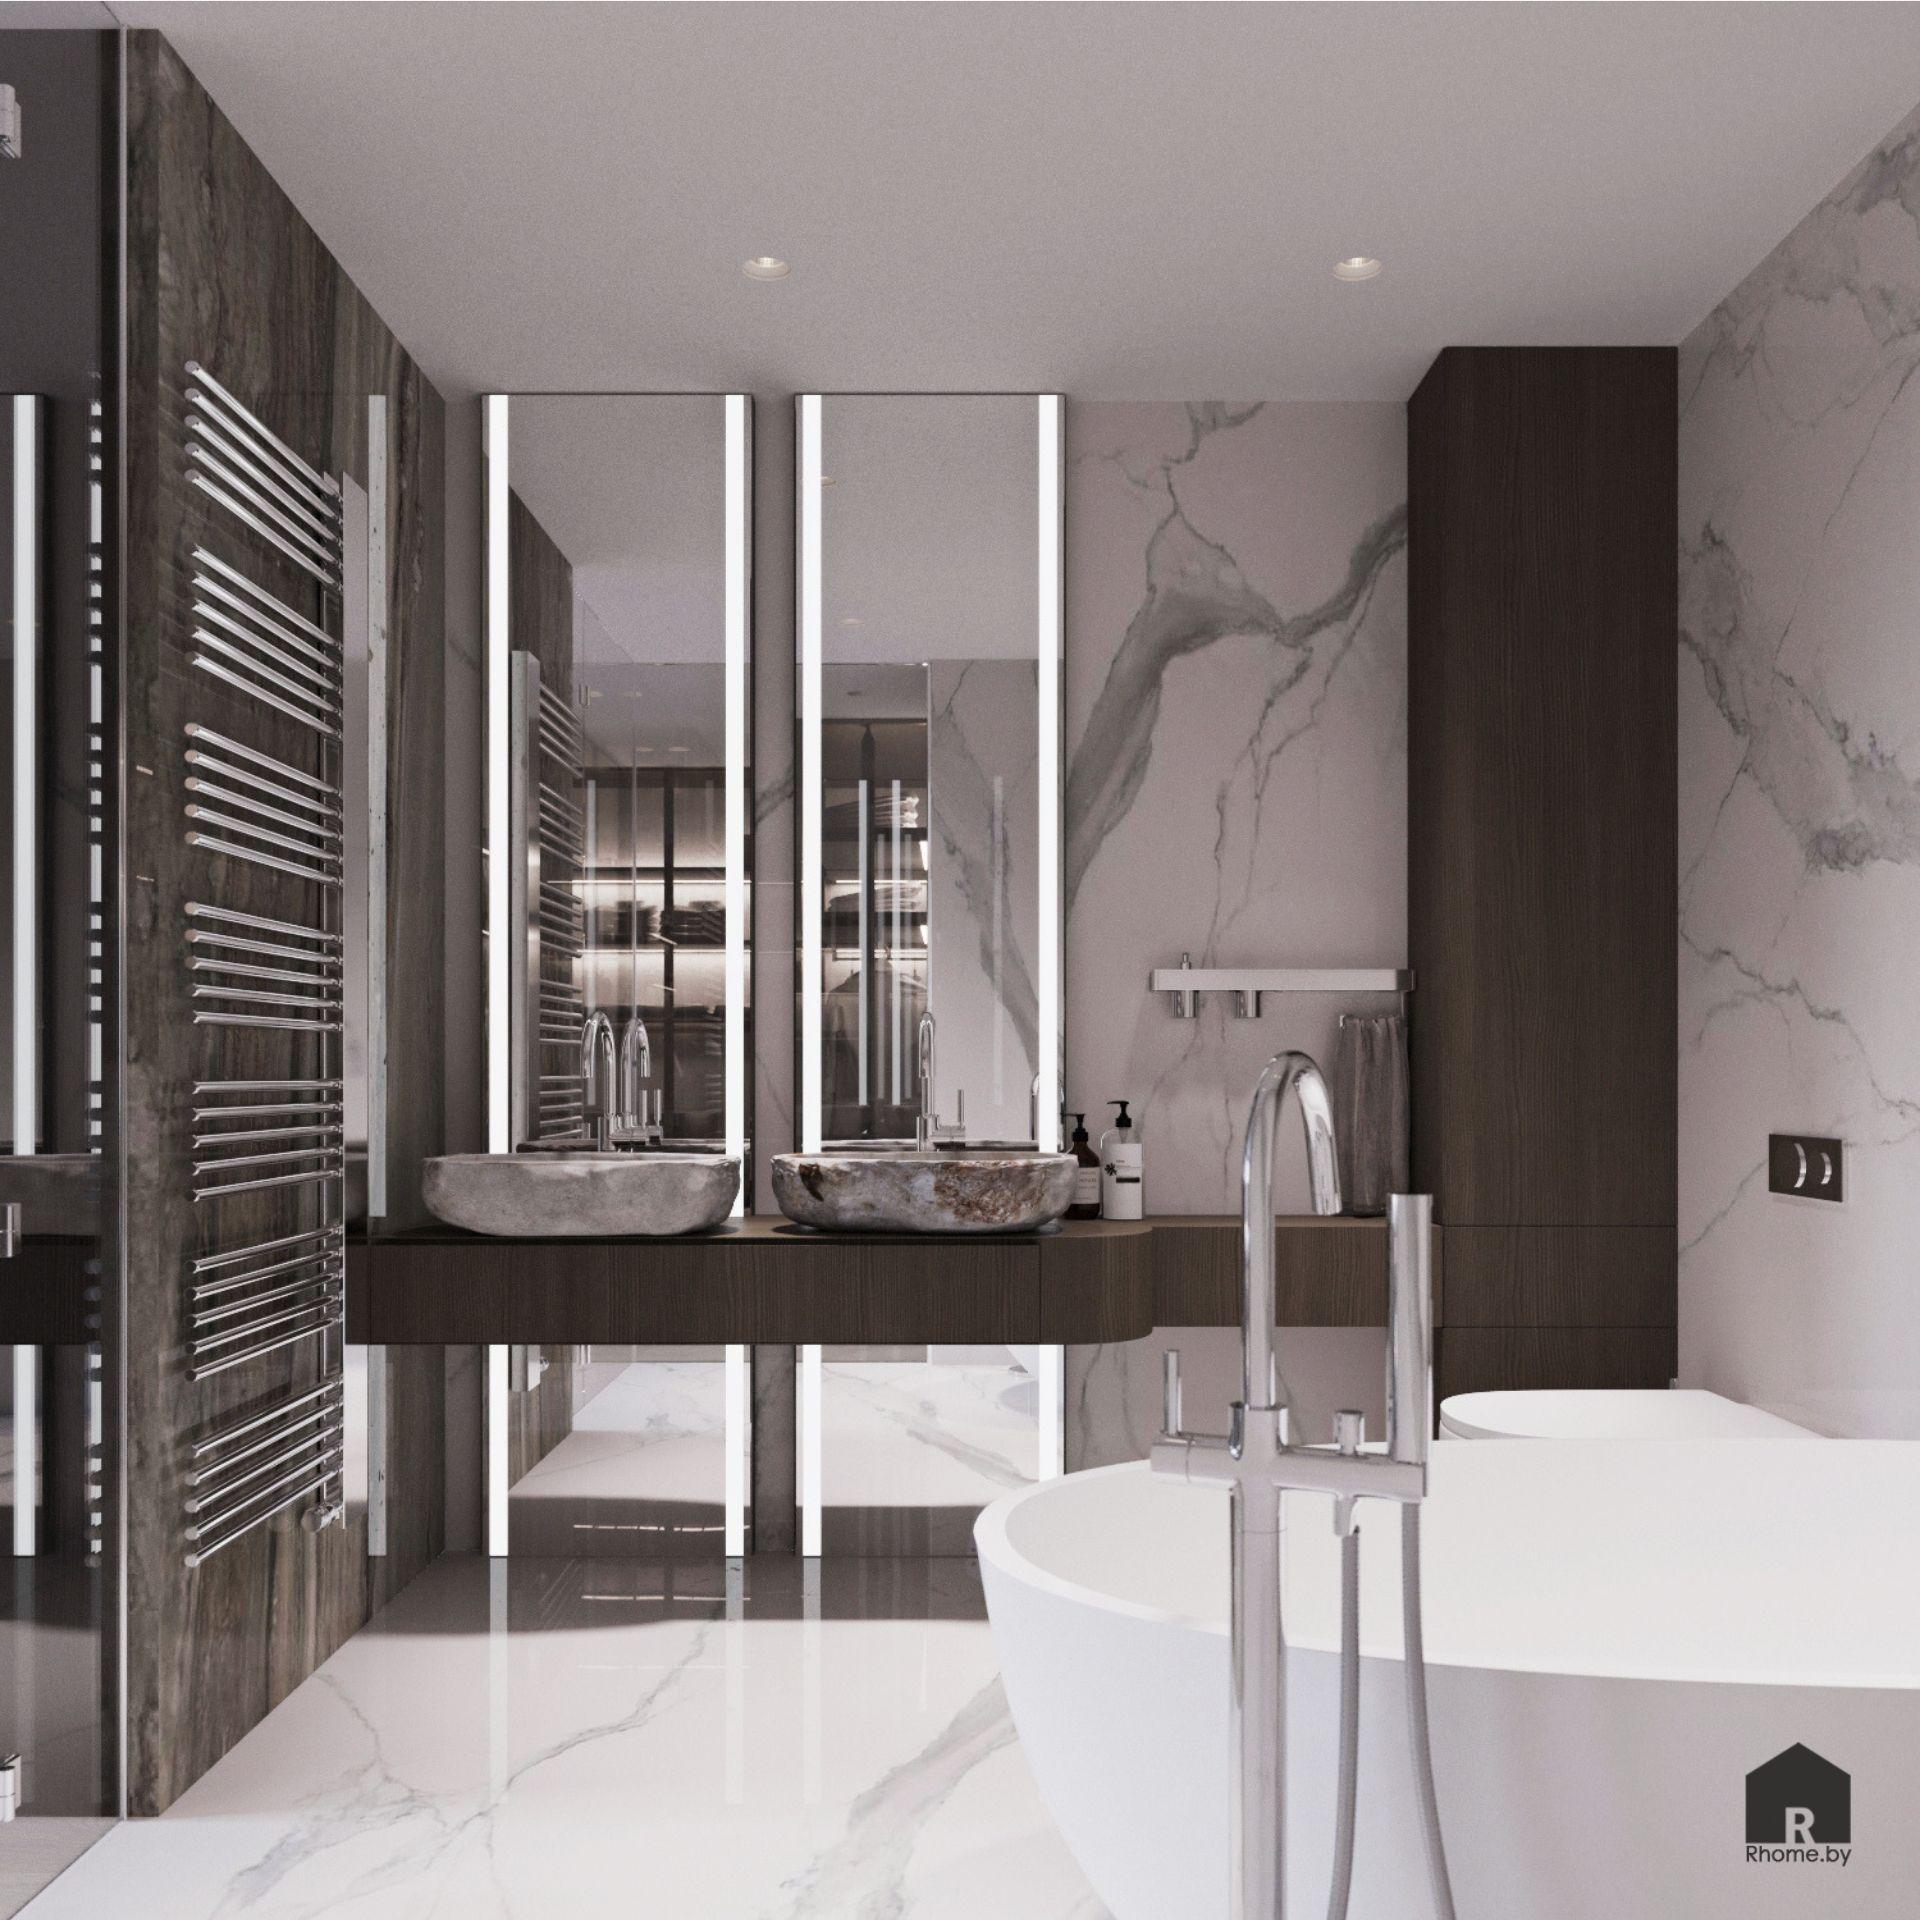 Светлая ванная комната с плиткой под камень и зеркалами с подсветкой